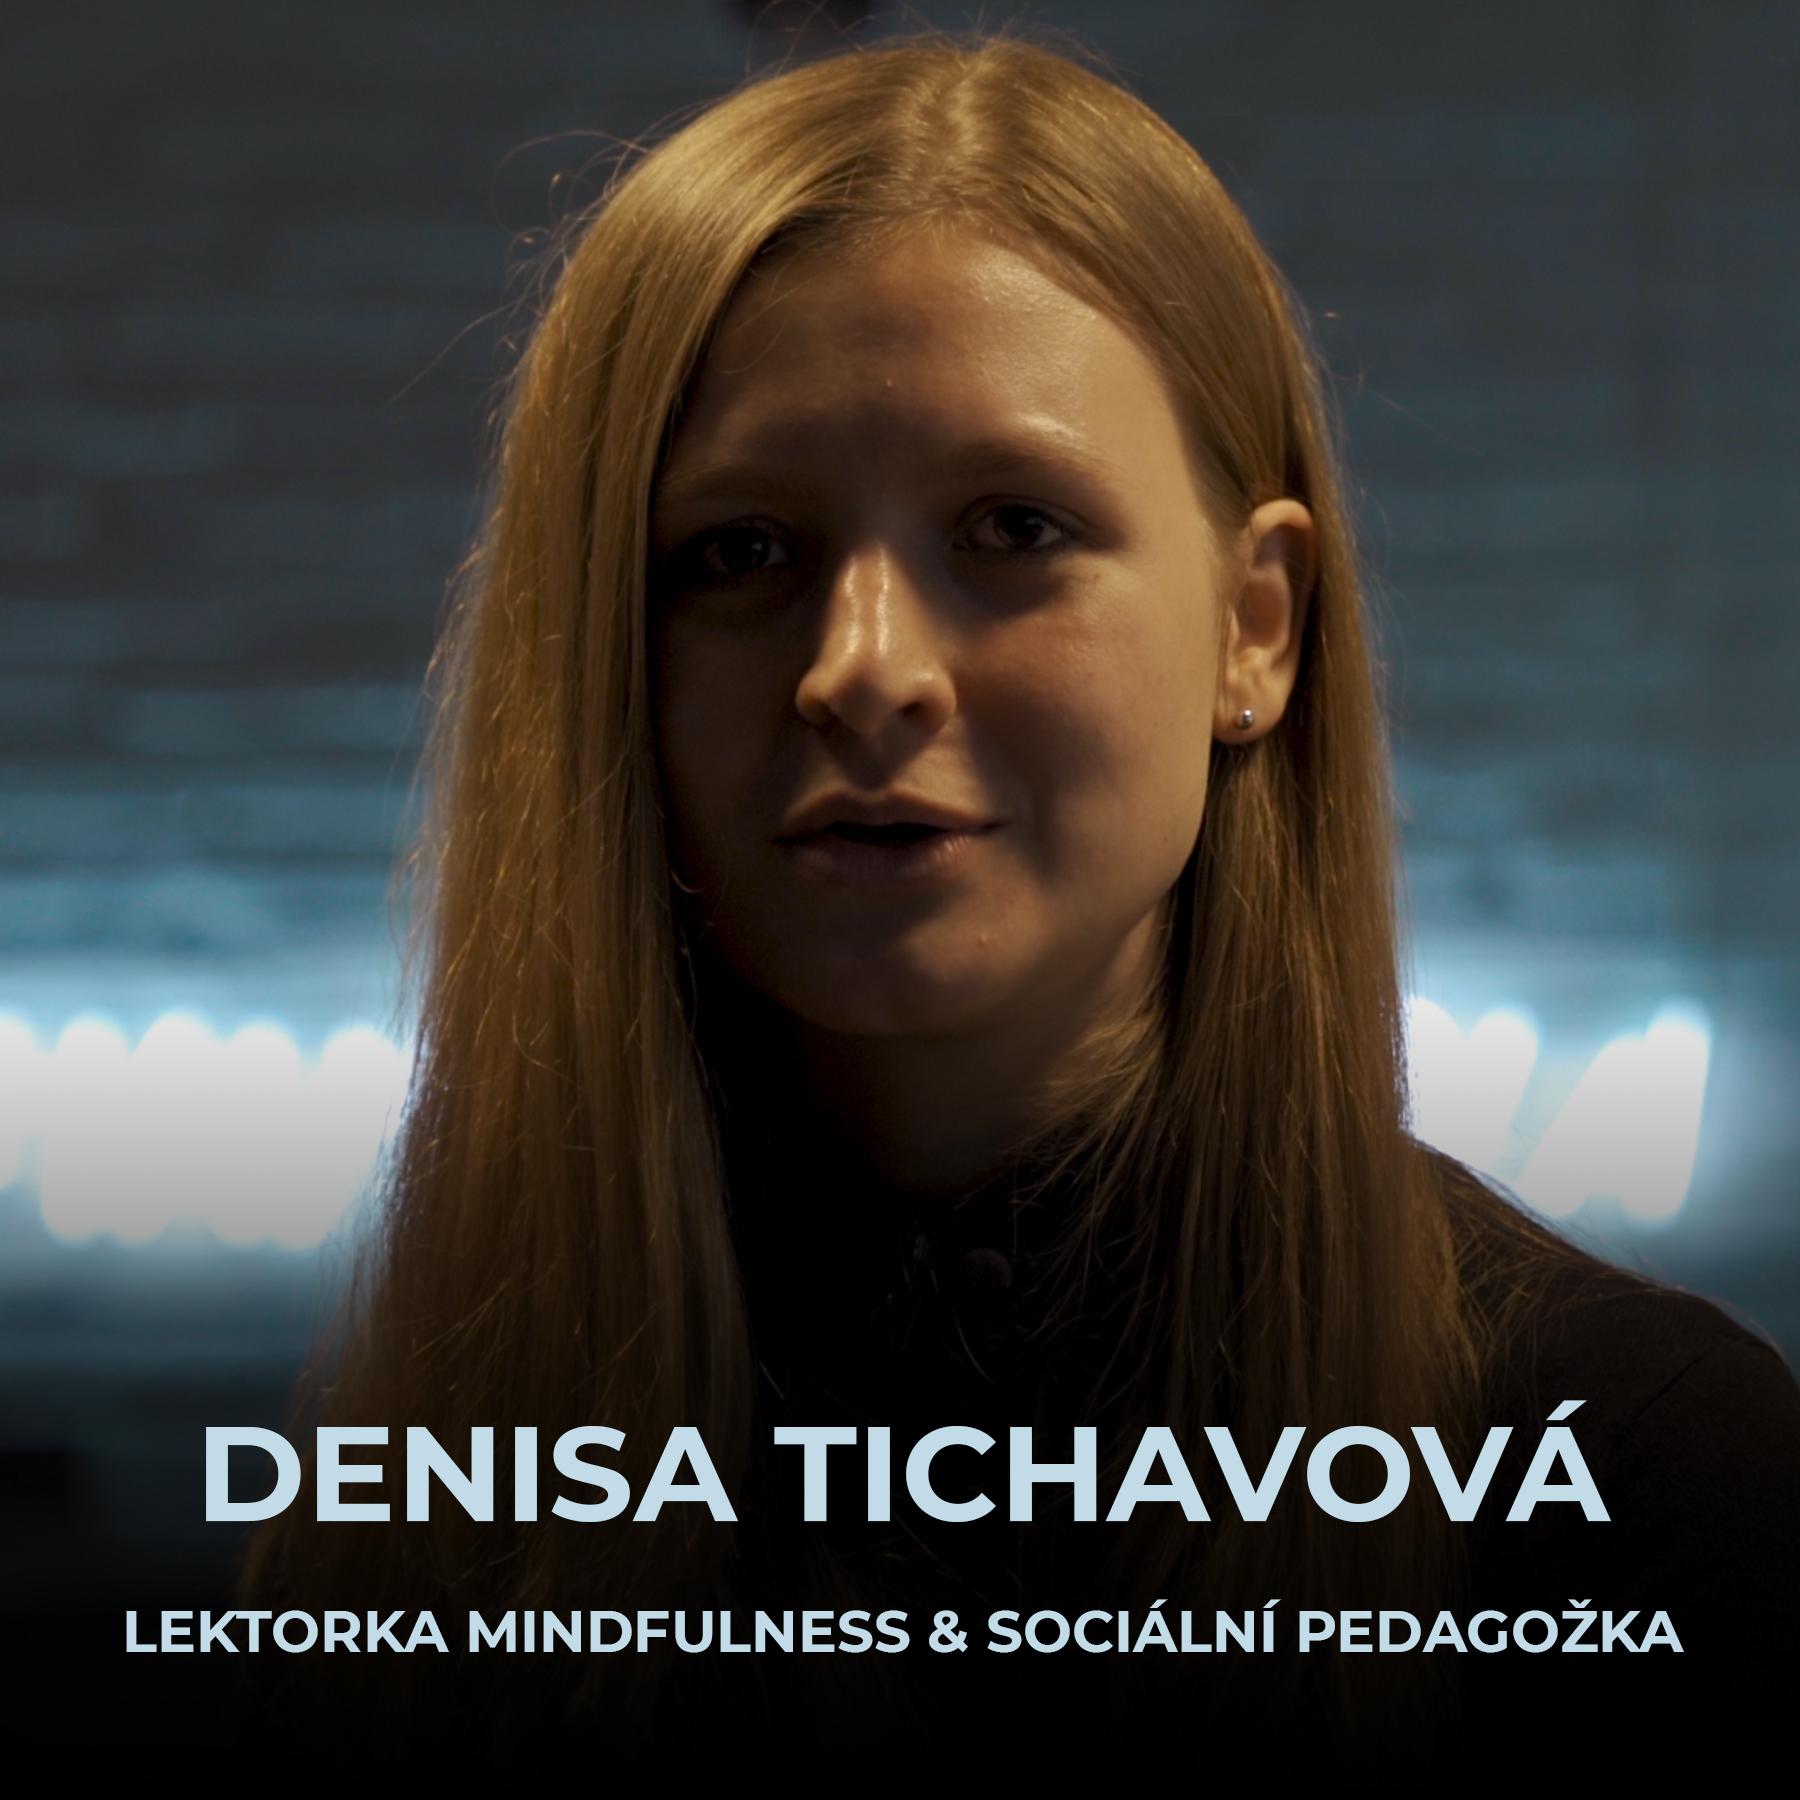 Denisa-Tichavova-IG-11